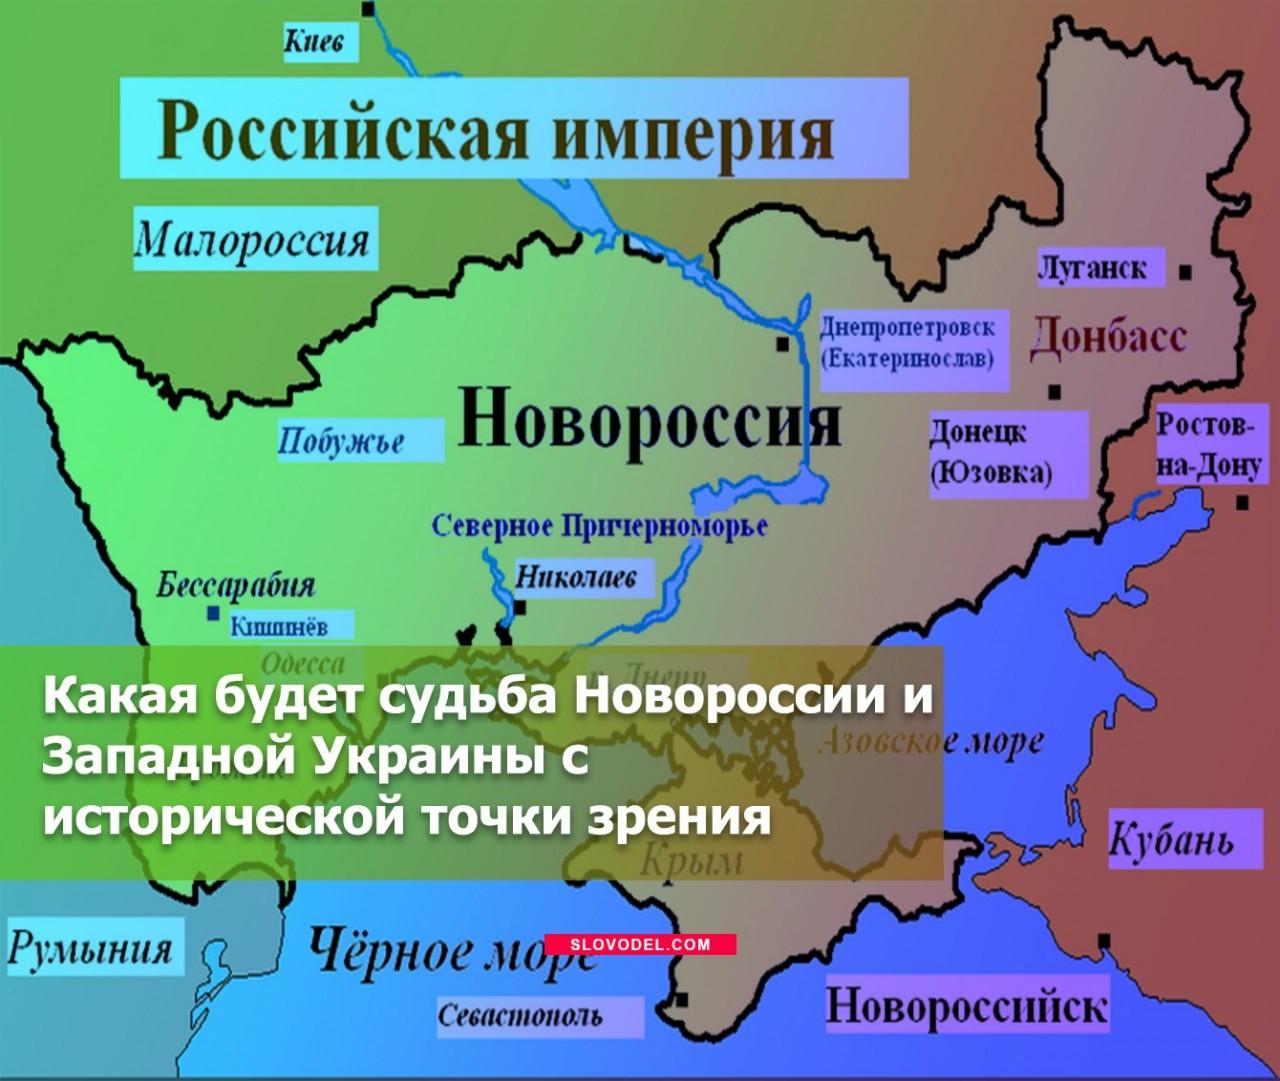 Какая будет судьба Новороссии и Западной Украины с исторической точки зрения